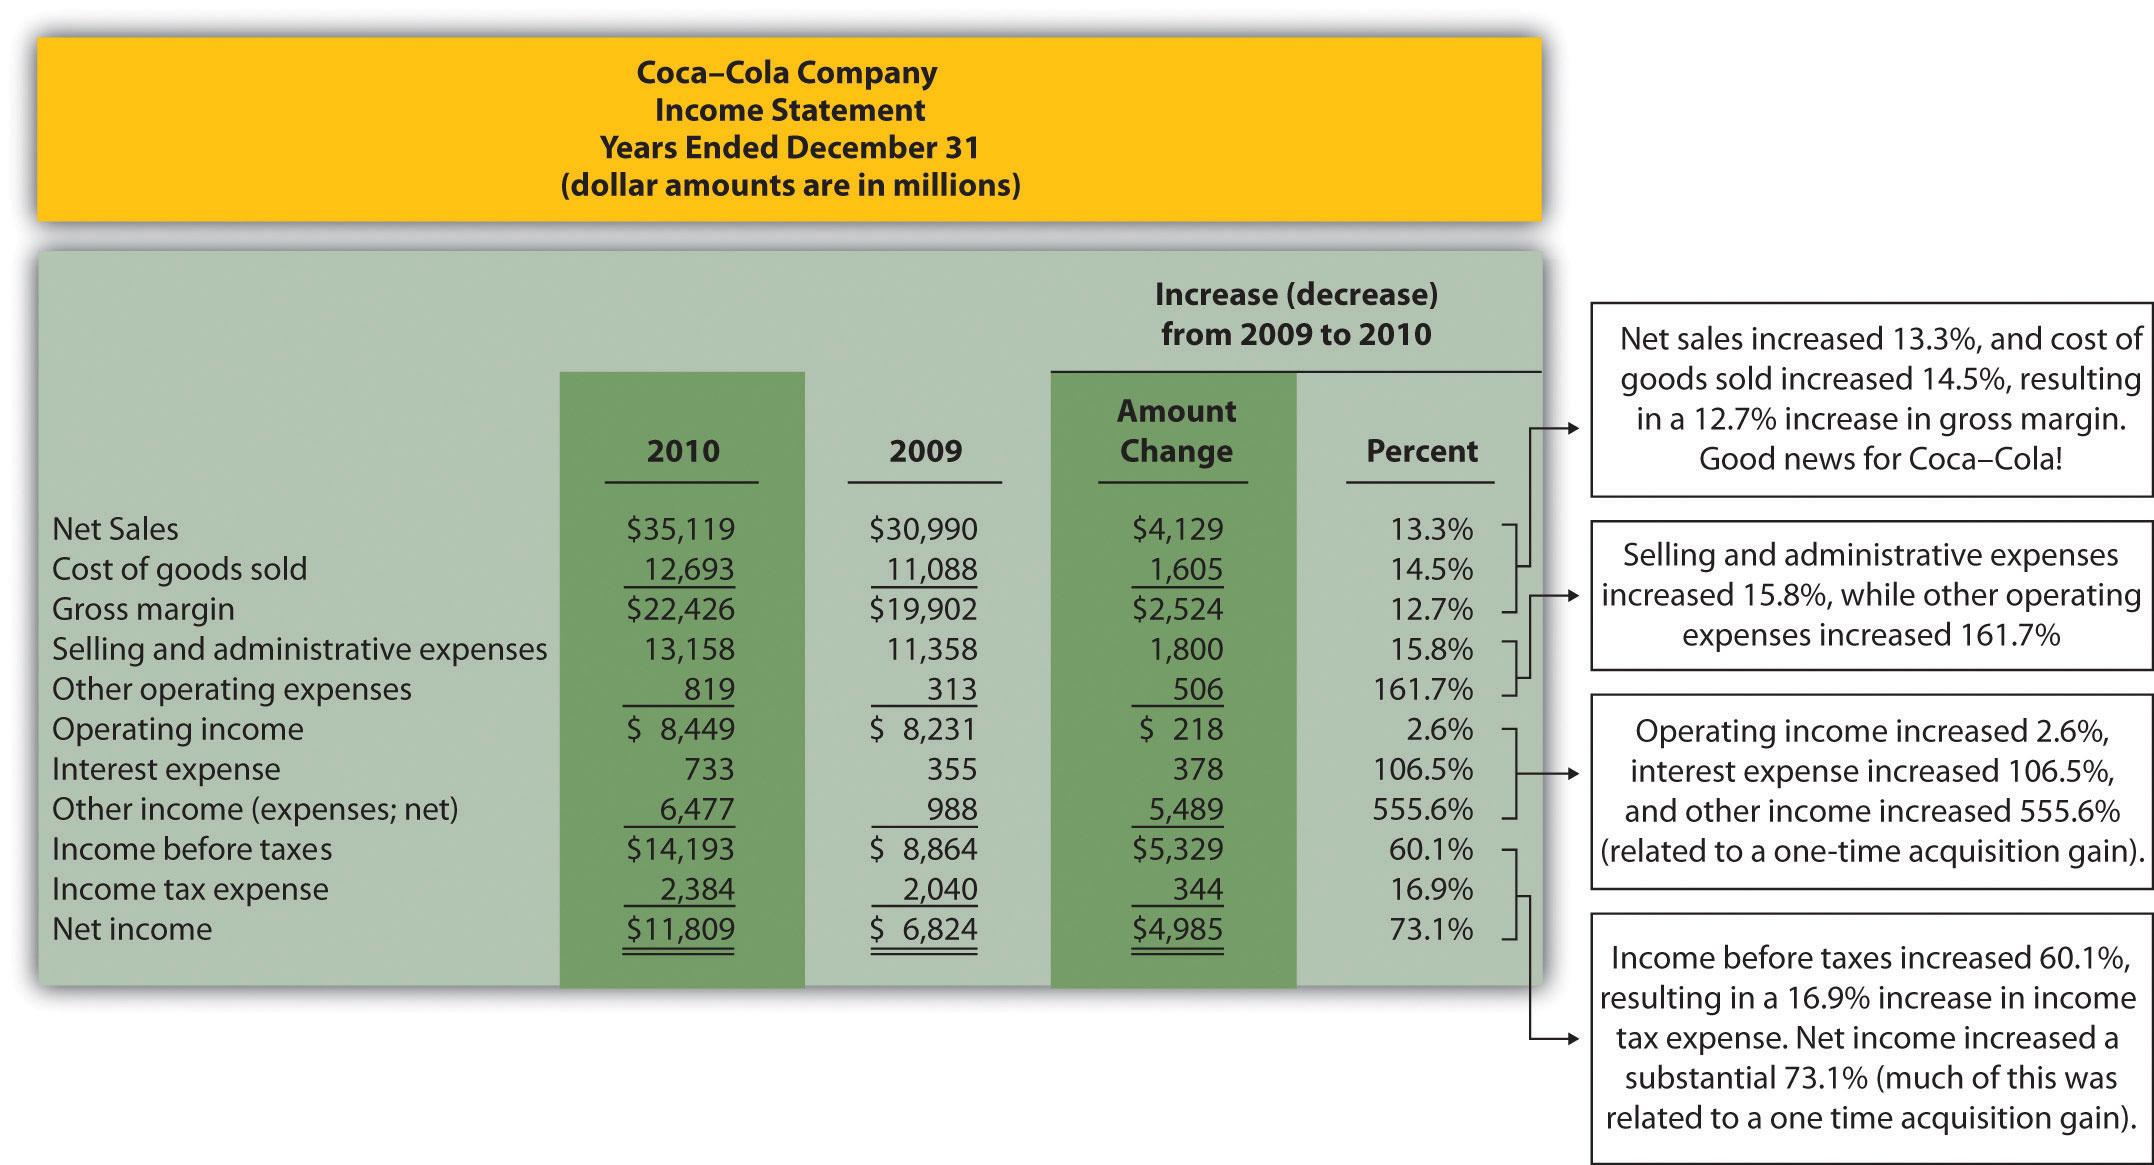 financial statement analysis tutorial